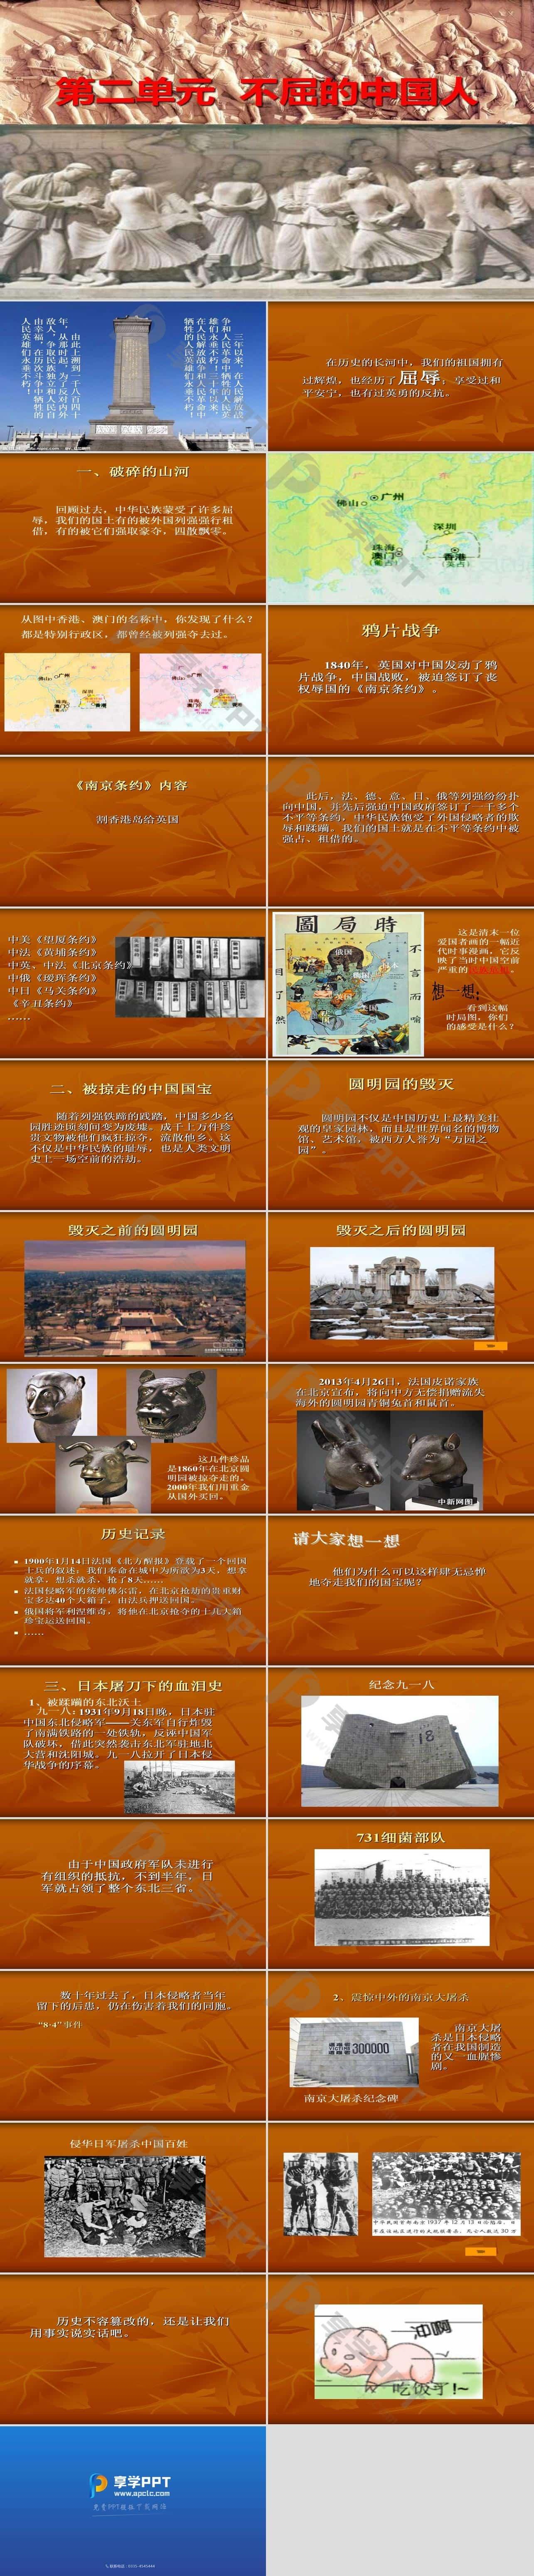 《不能忘记的屈辱》不屈的中国人PPT课件4长图